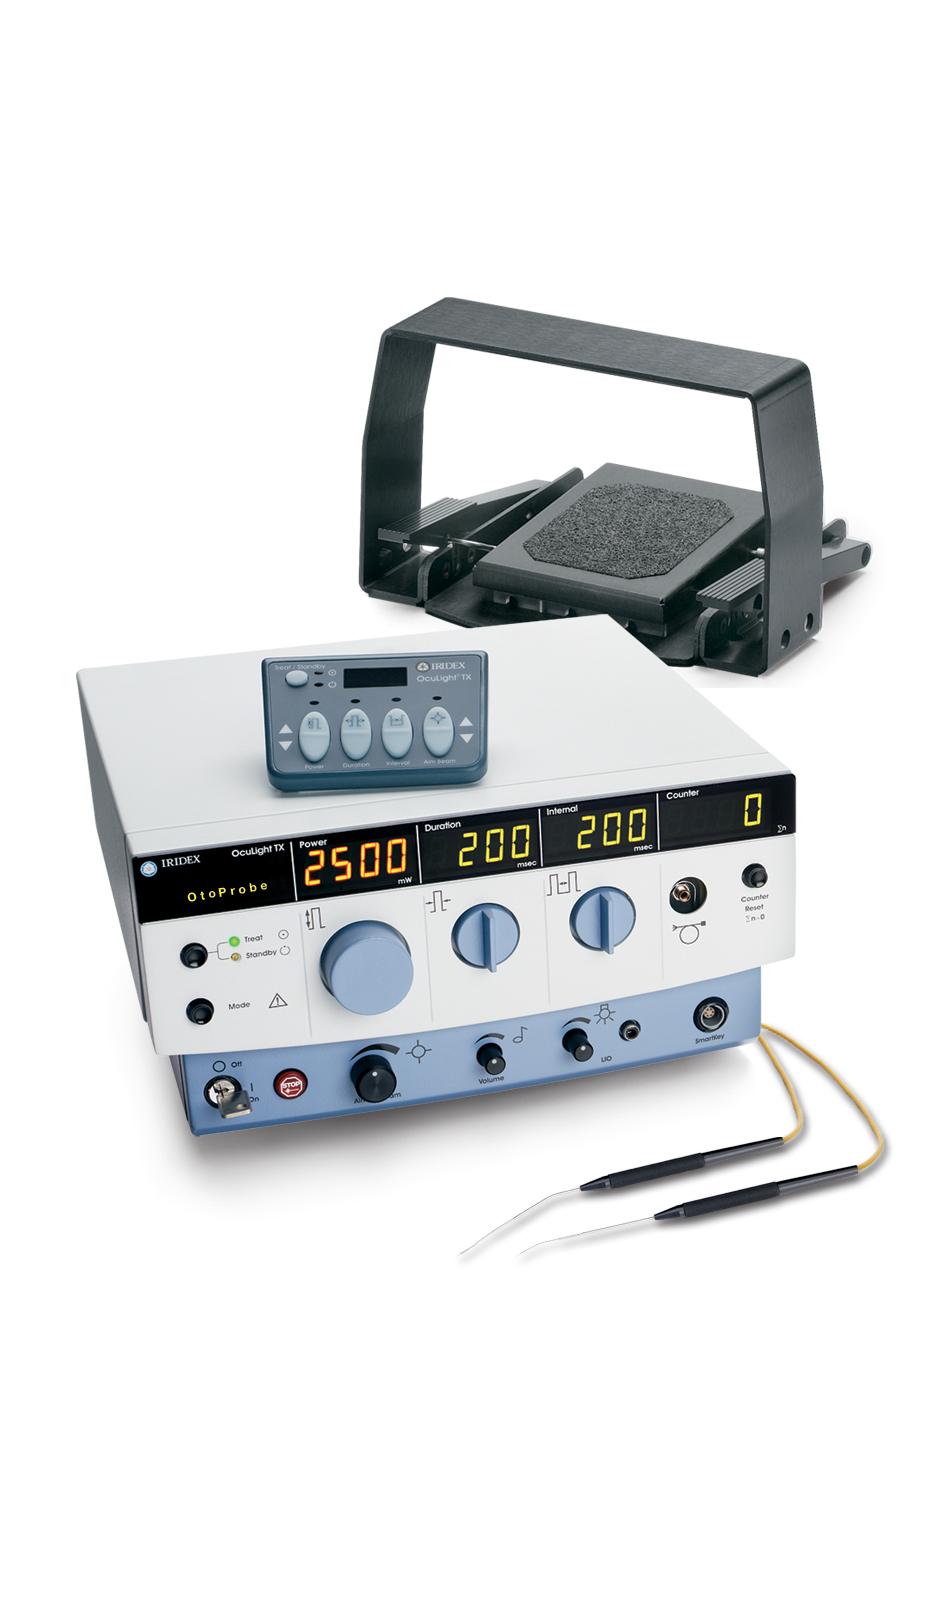 Iridex TX KTP Surgical Laser#